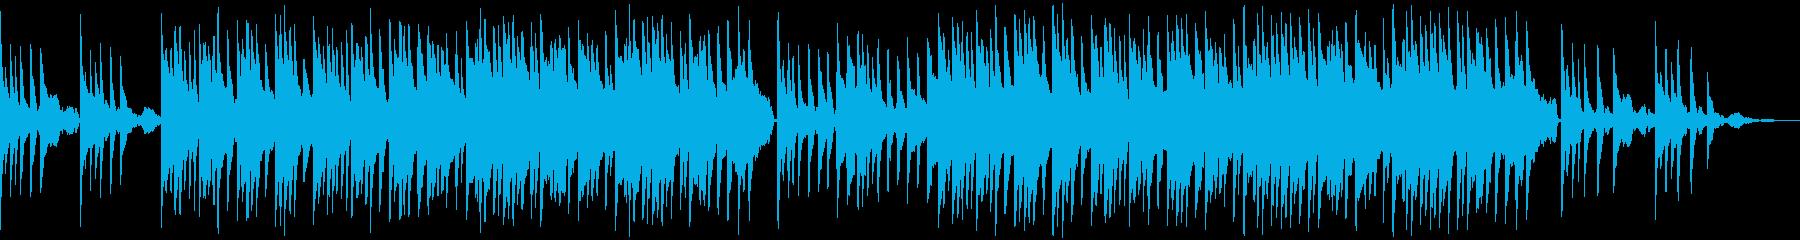 荘厳な感じのピアノ曲の再生済みの波形